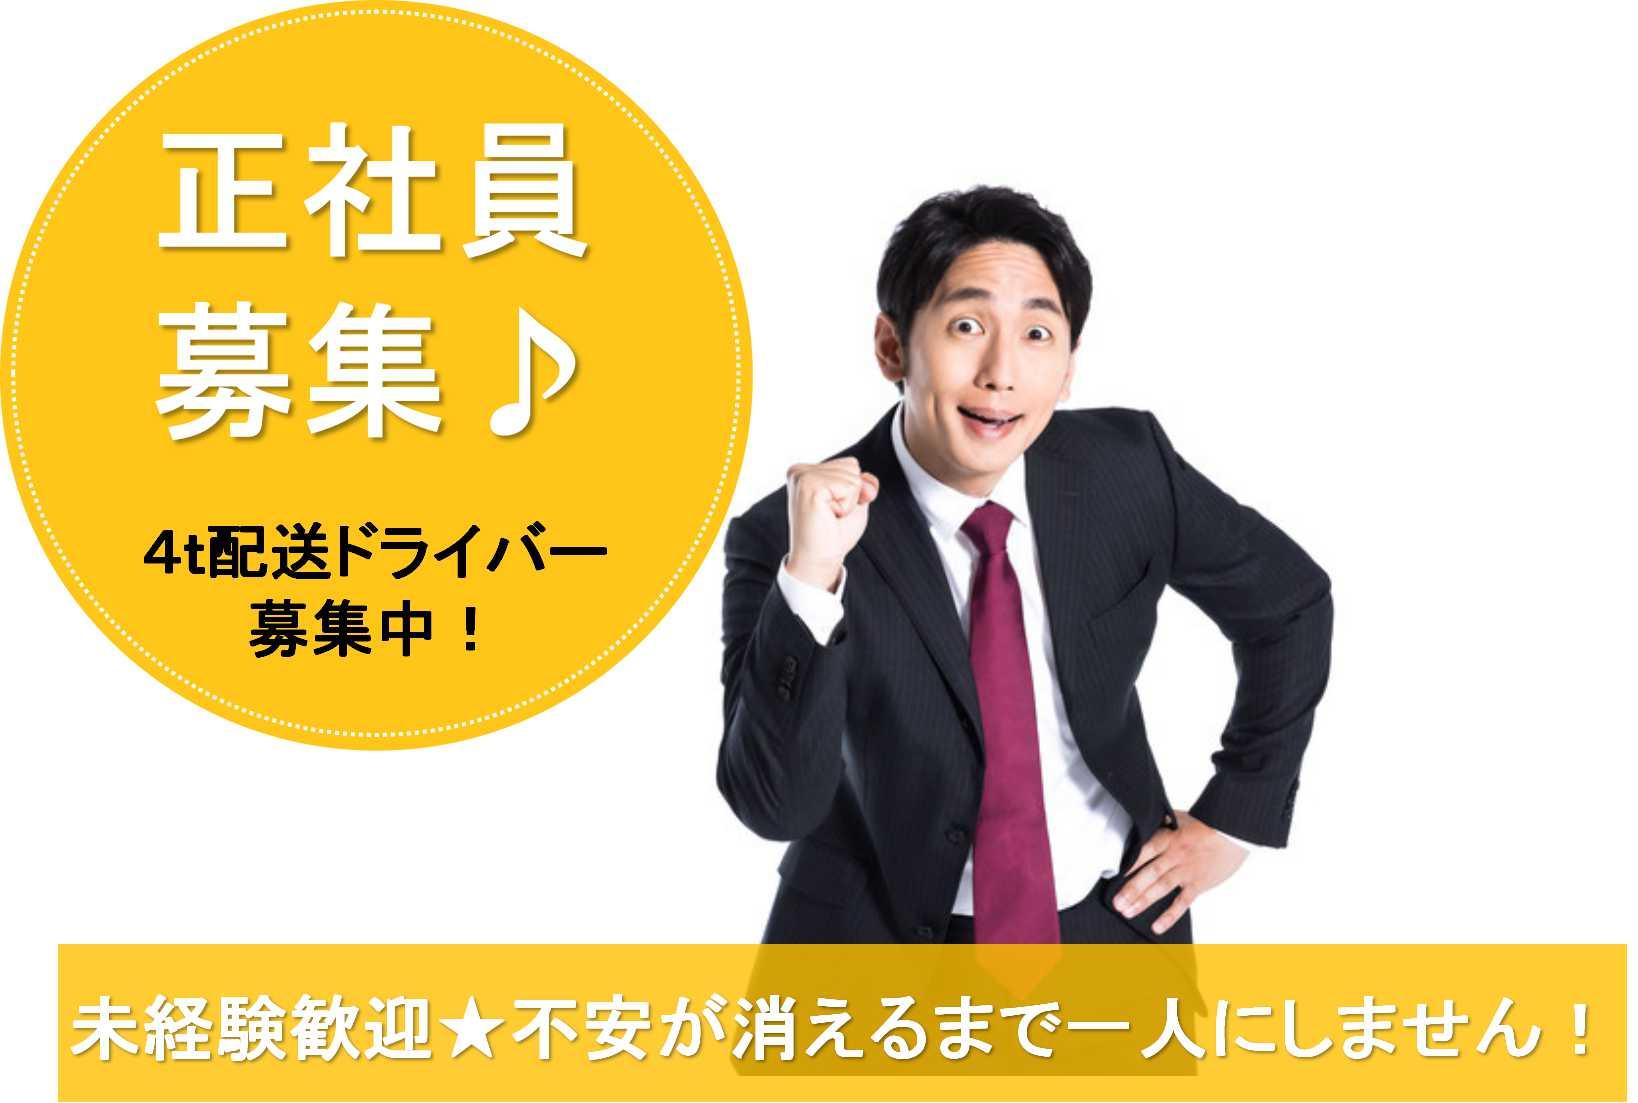 月給26万円以上♪未経験でも活躍できる!4t配送ドライバー【即面談可能】 イメージ